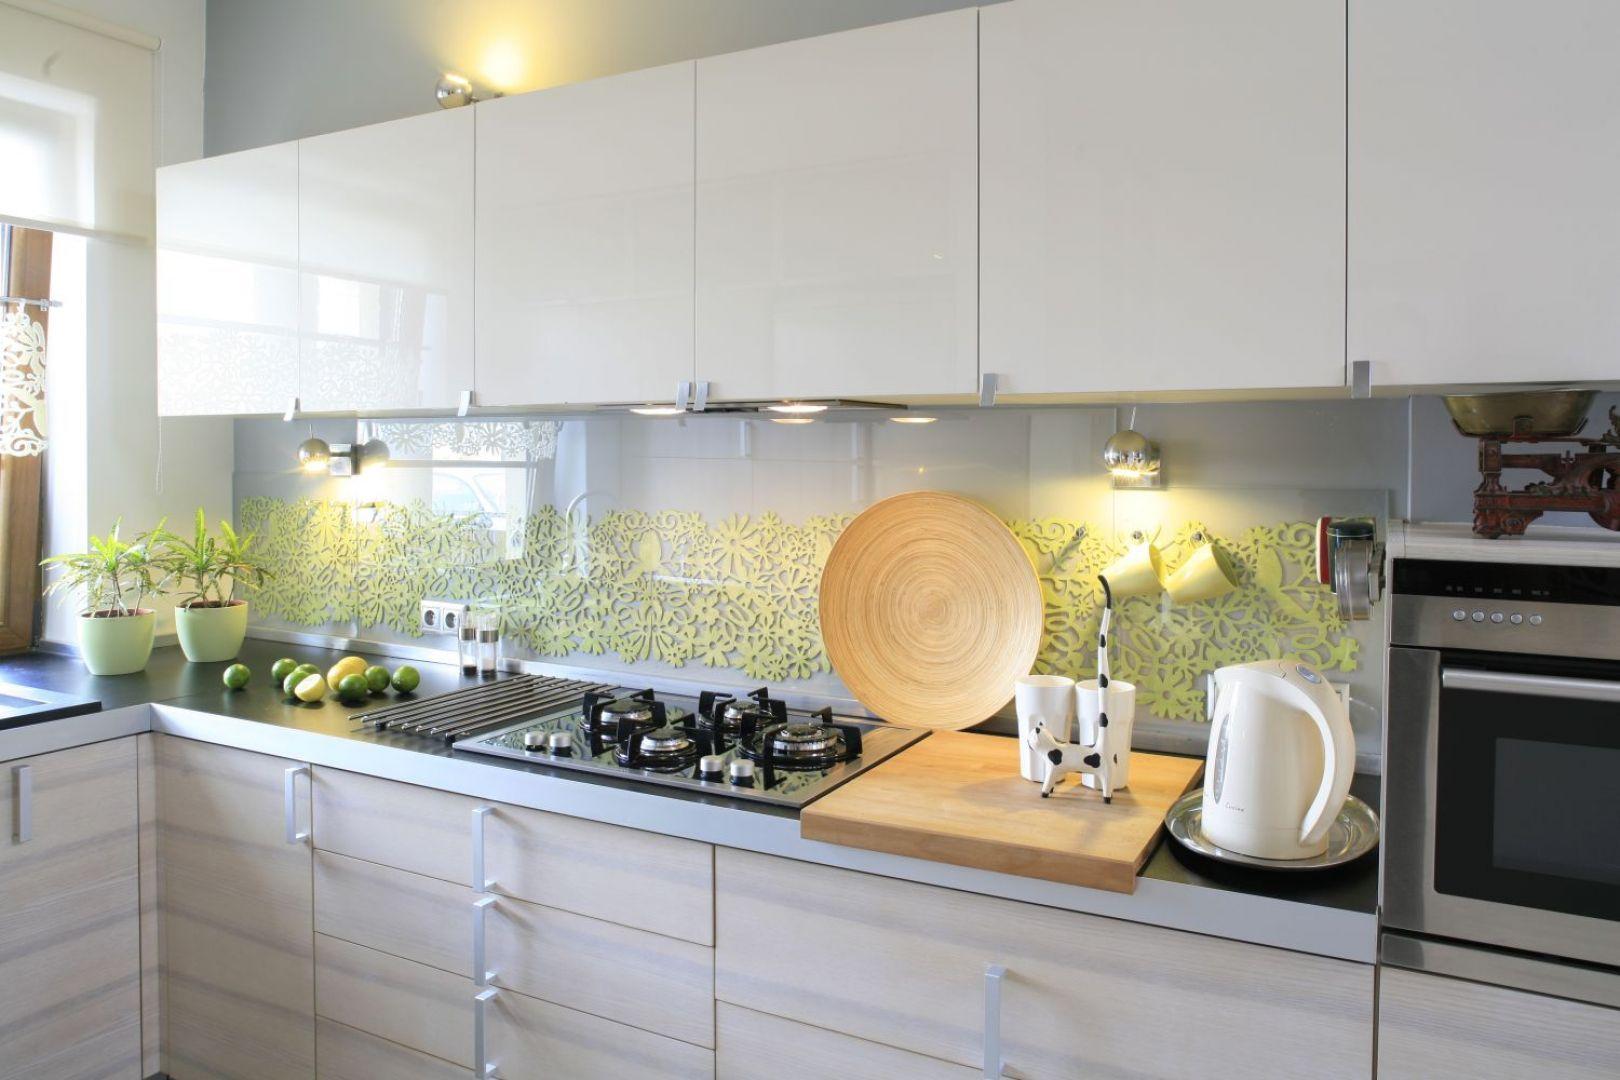 Sciana Nad Blatem 20 Pieknych Zdjec Kuchni Galeria Dobrzemieszkaj Pl Kitchen Kitchen Cabinets Home Decor